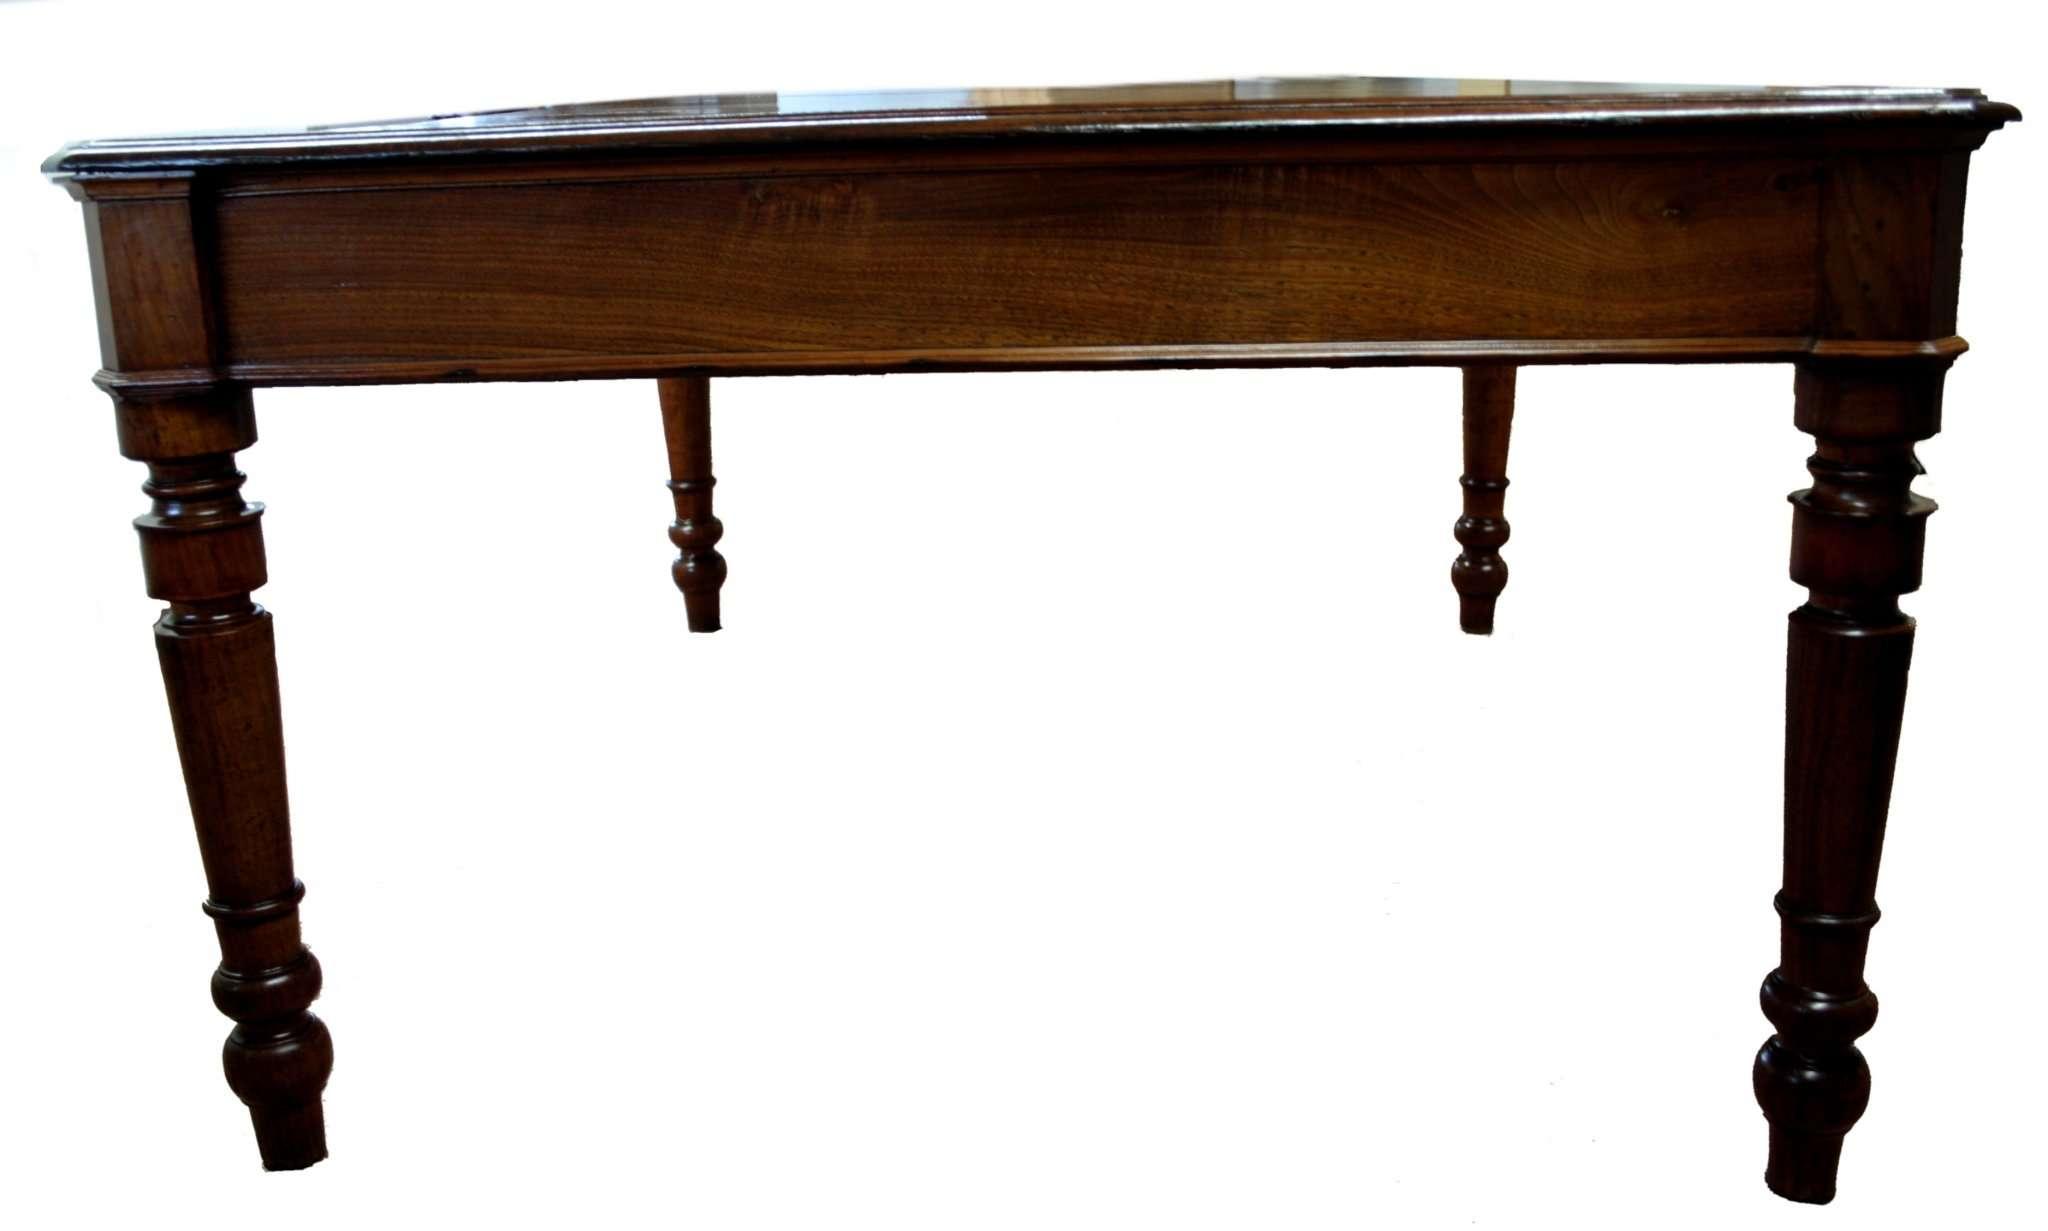 esstisch im jahr 1800 restauriert in kirsch und kastanienholz ausfahrbaren 3 meter. Black Bedroom Furniture Sets. Home Design Ideas